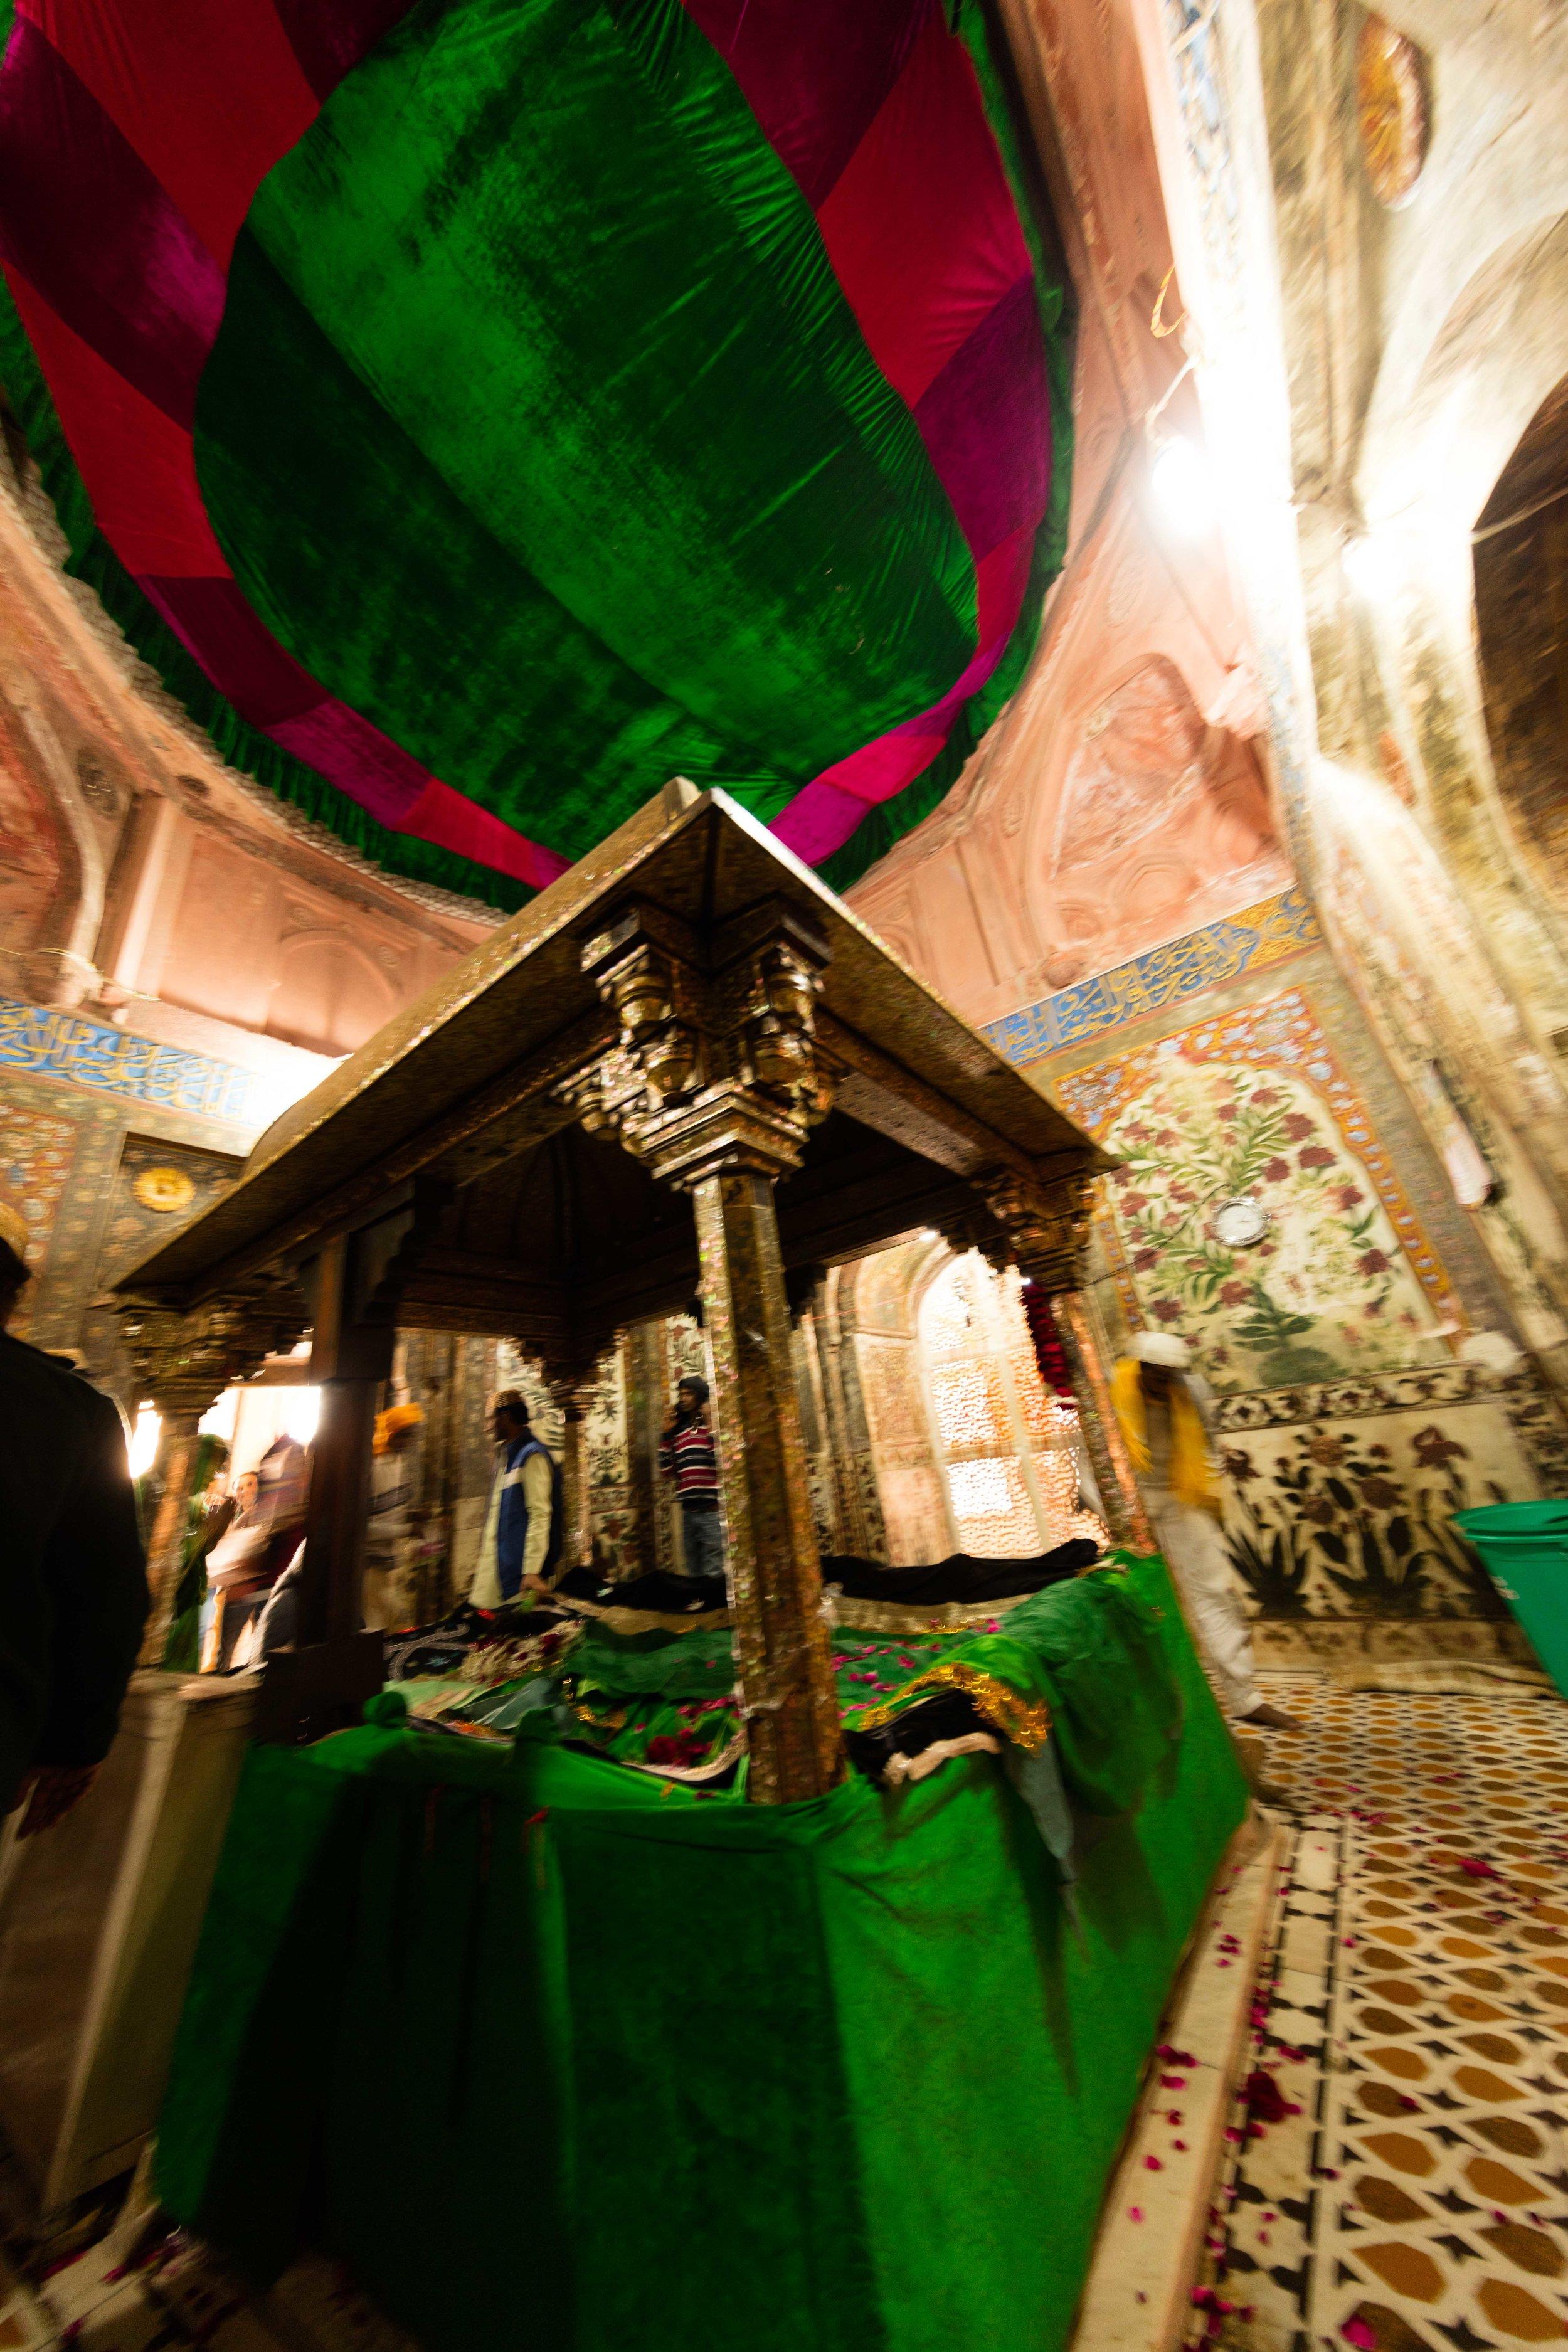 Blurry photo from inside Tomb of Seikh Salim Chisti, Fatehpur Sikri